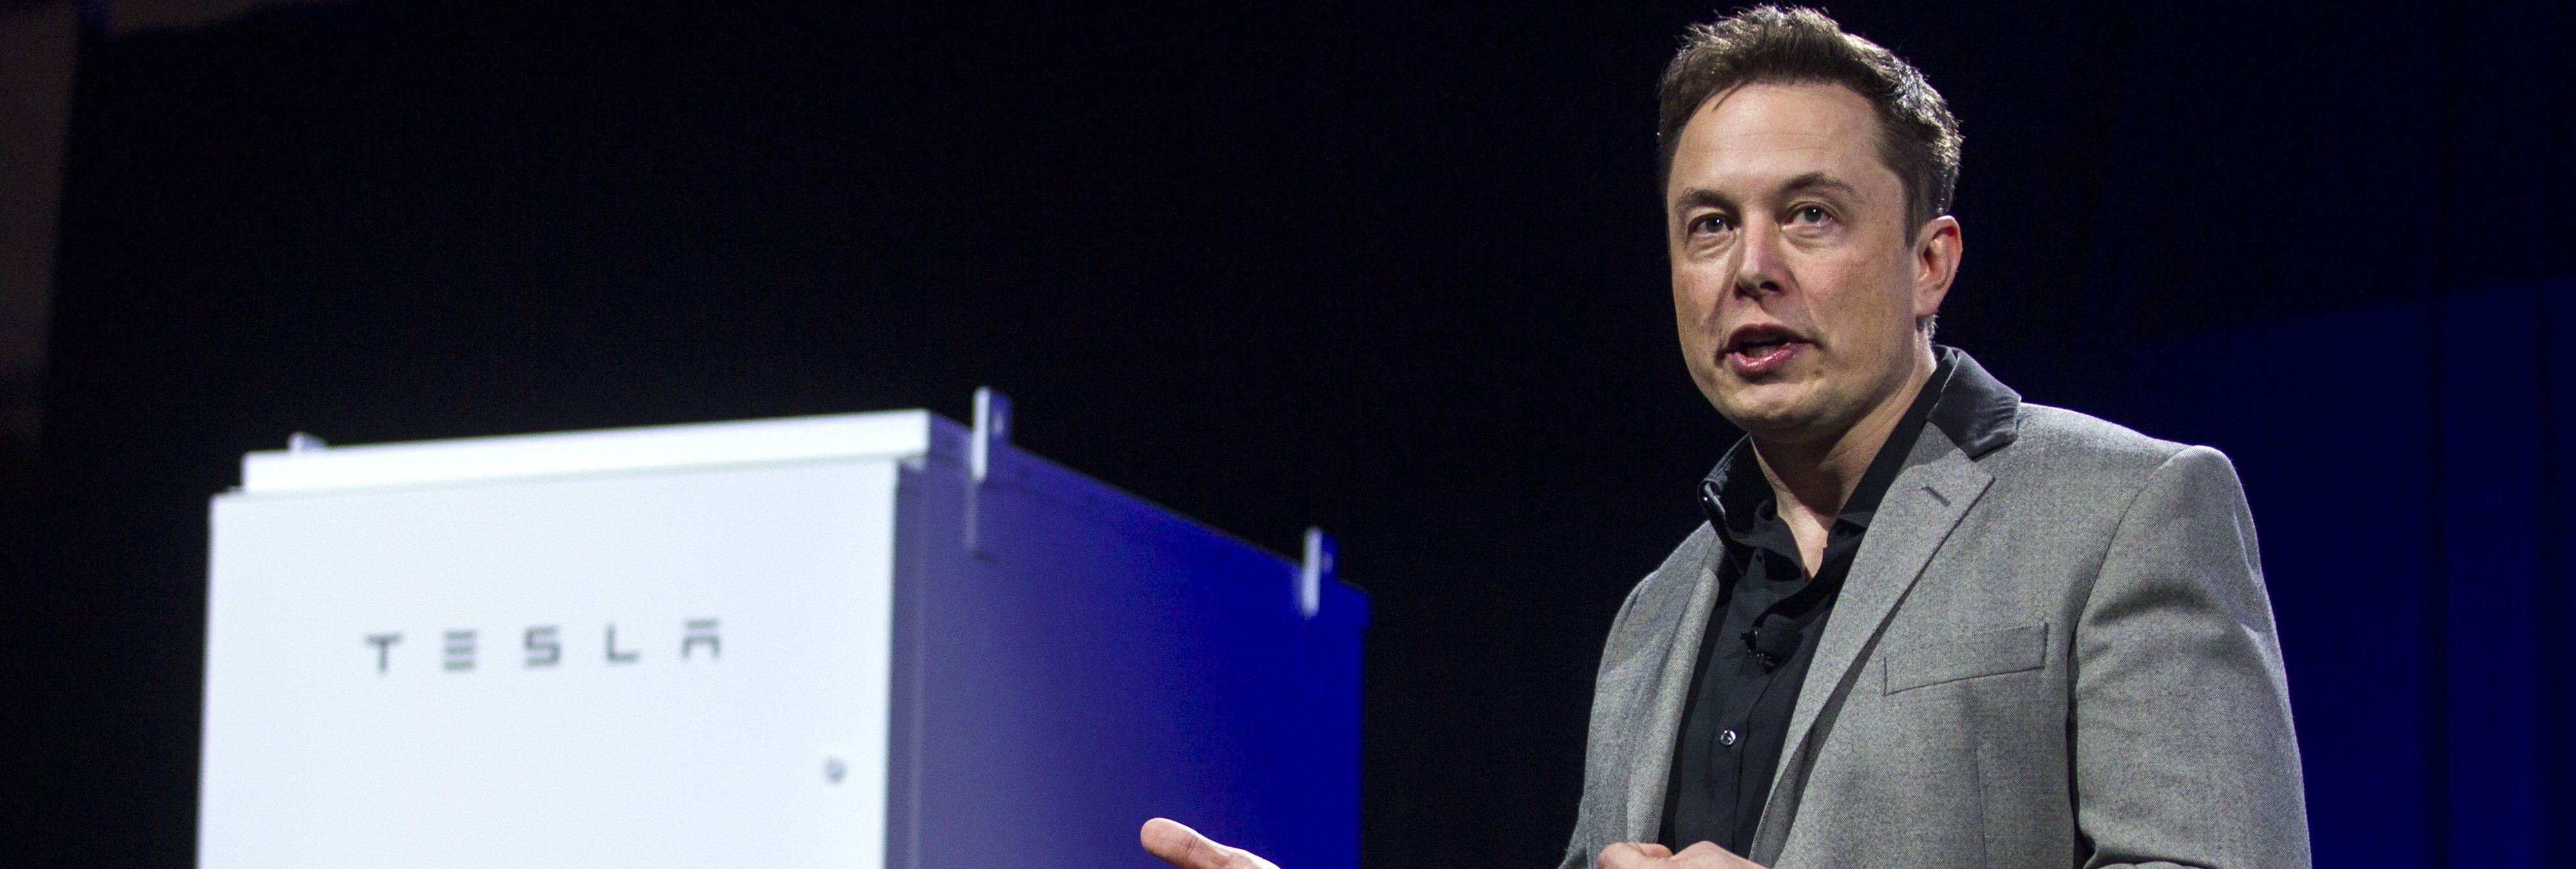 Elon Musk pide semanas laborales con un mínimo de 80 horas